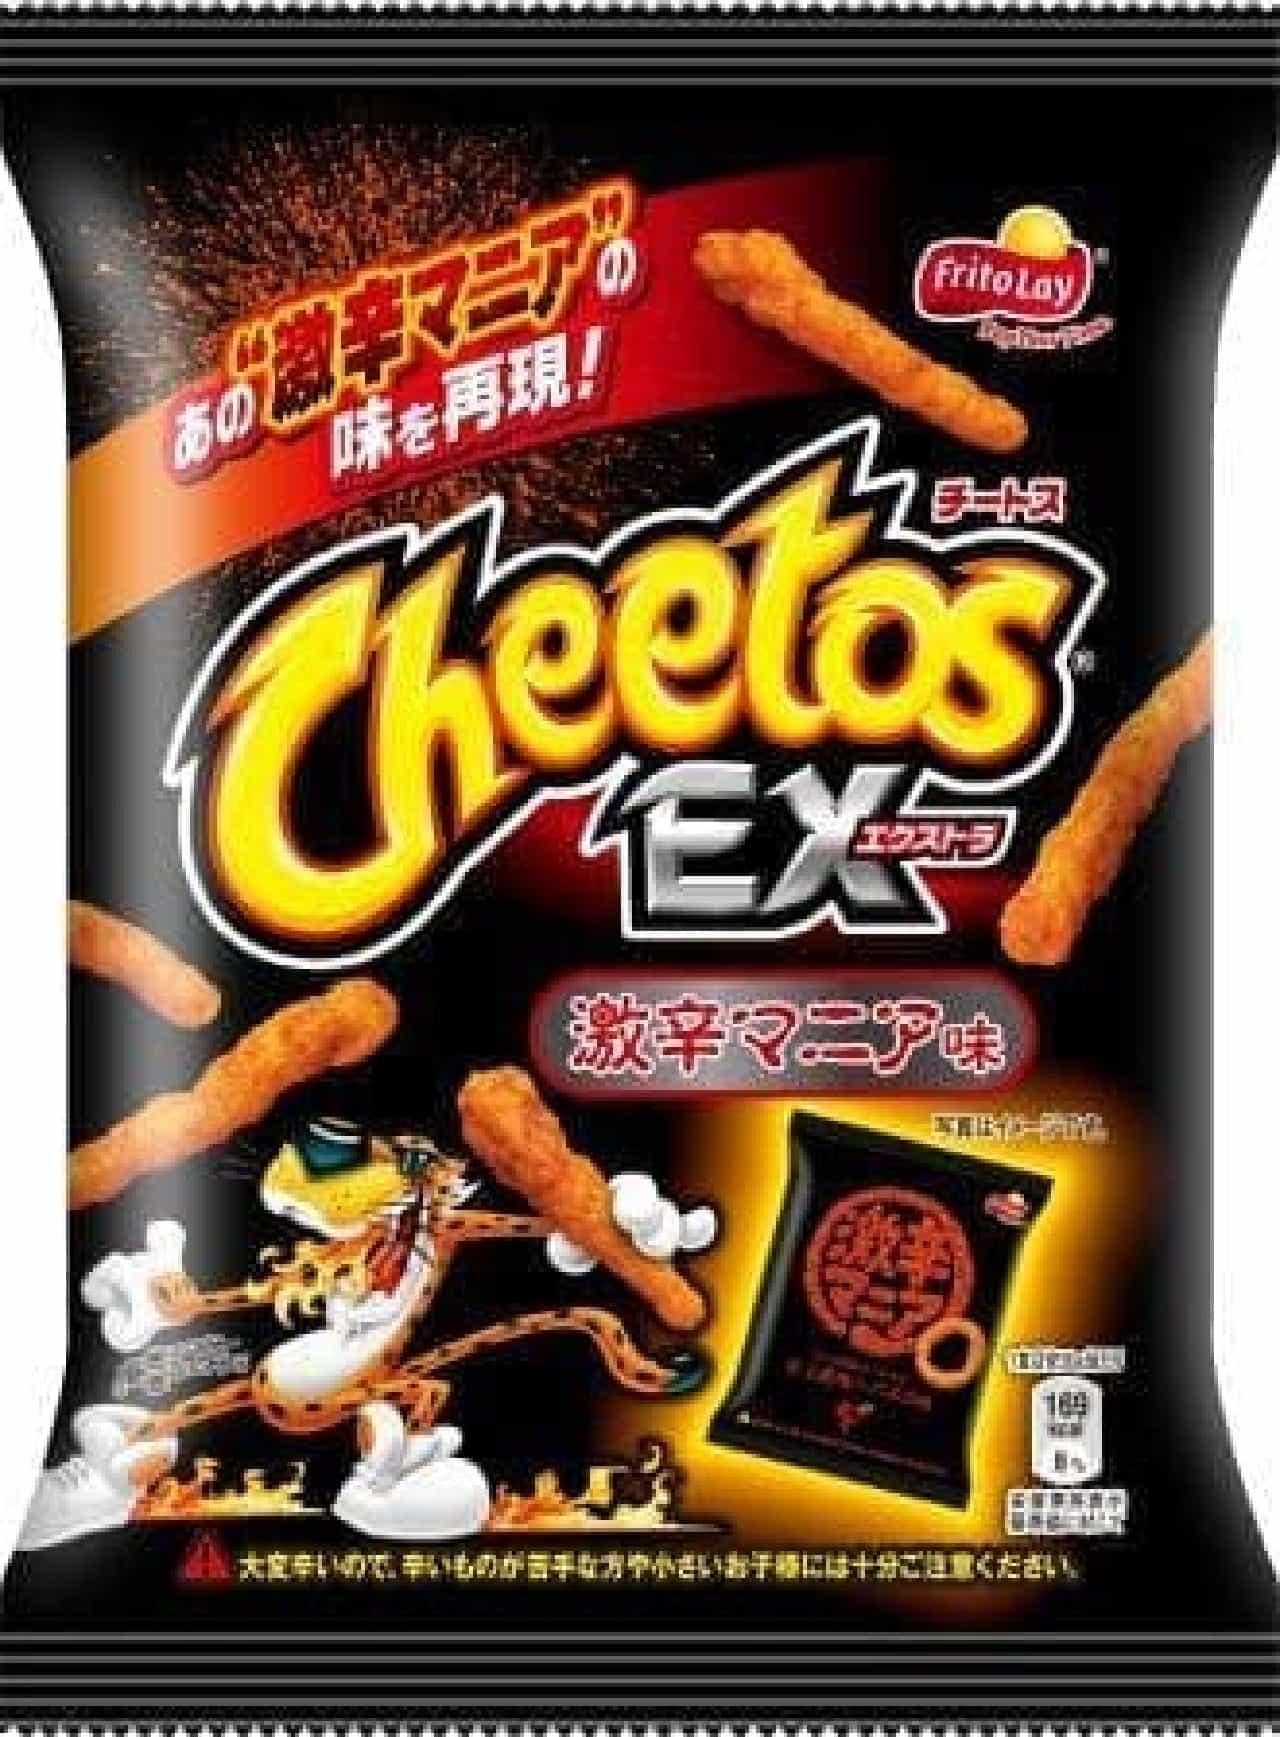 ジャパンフリトレー「チートスエクストラ 激辛マニア味」